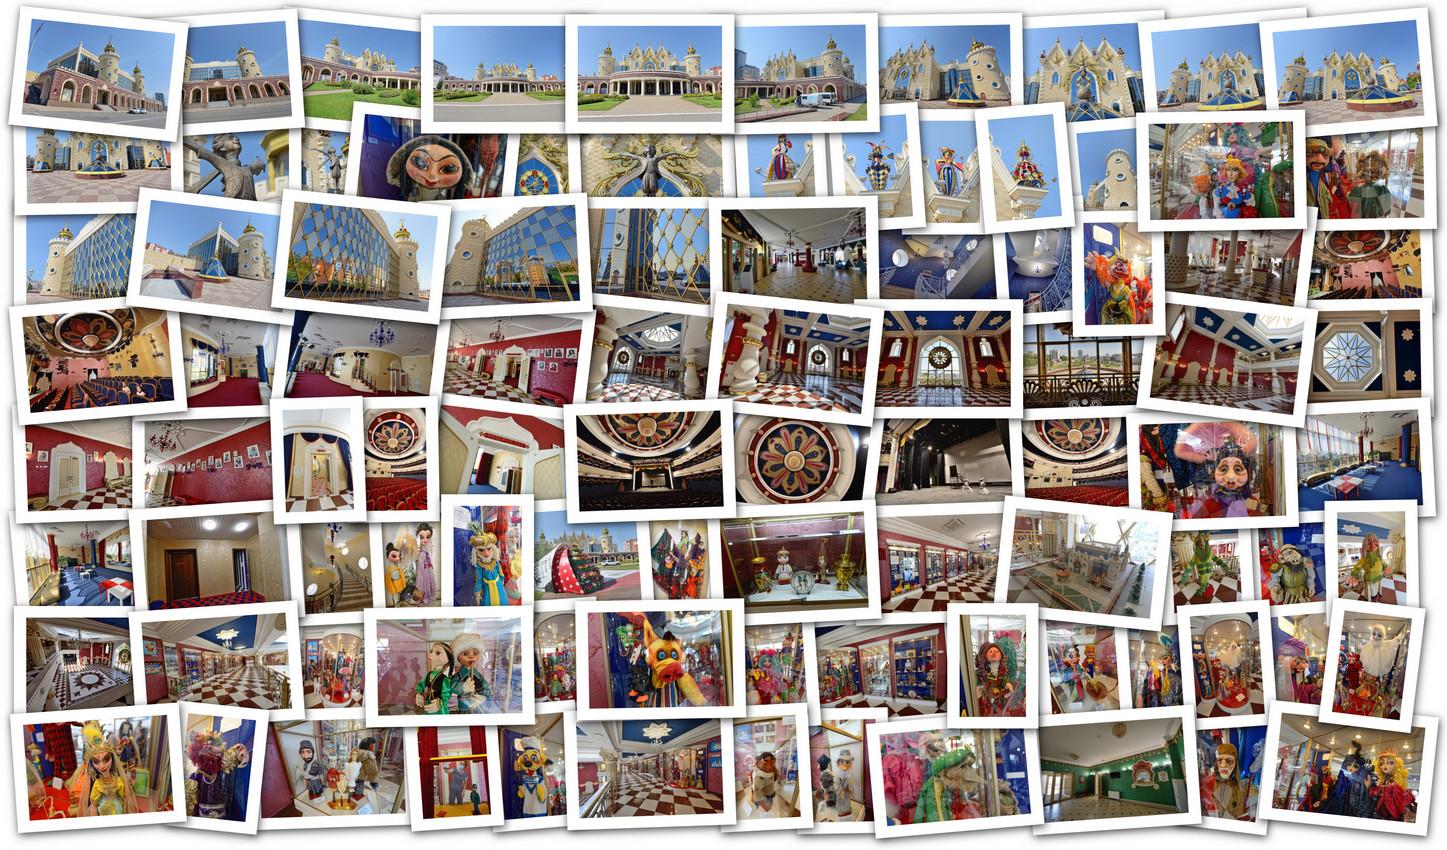 APC_Collage - 2020.08.29 21.31 - 001